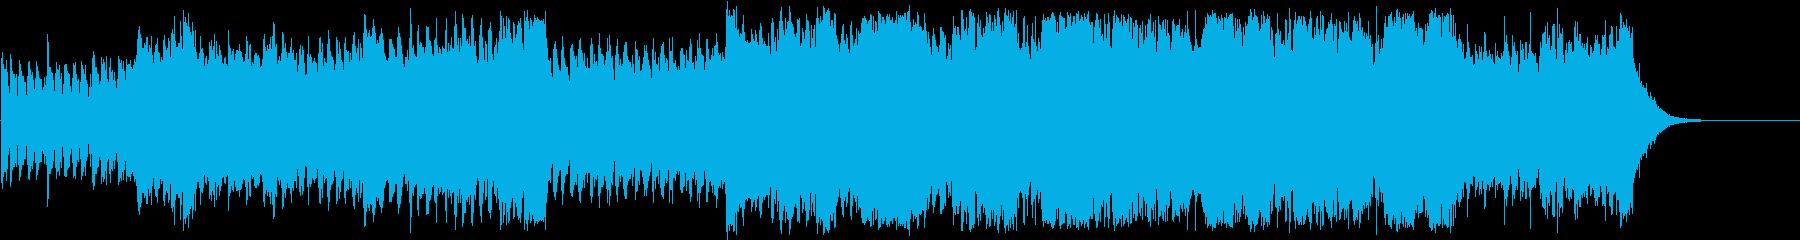 希望に満ちた壮大なフルオーケストラの再生済みの波形